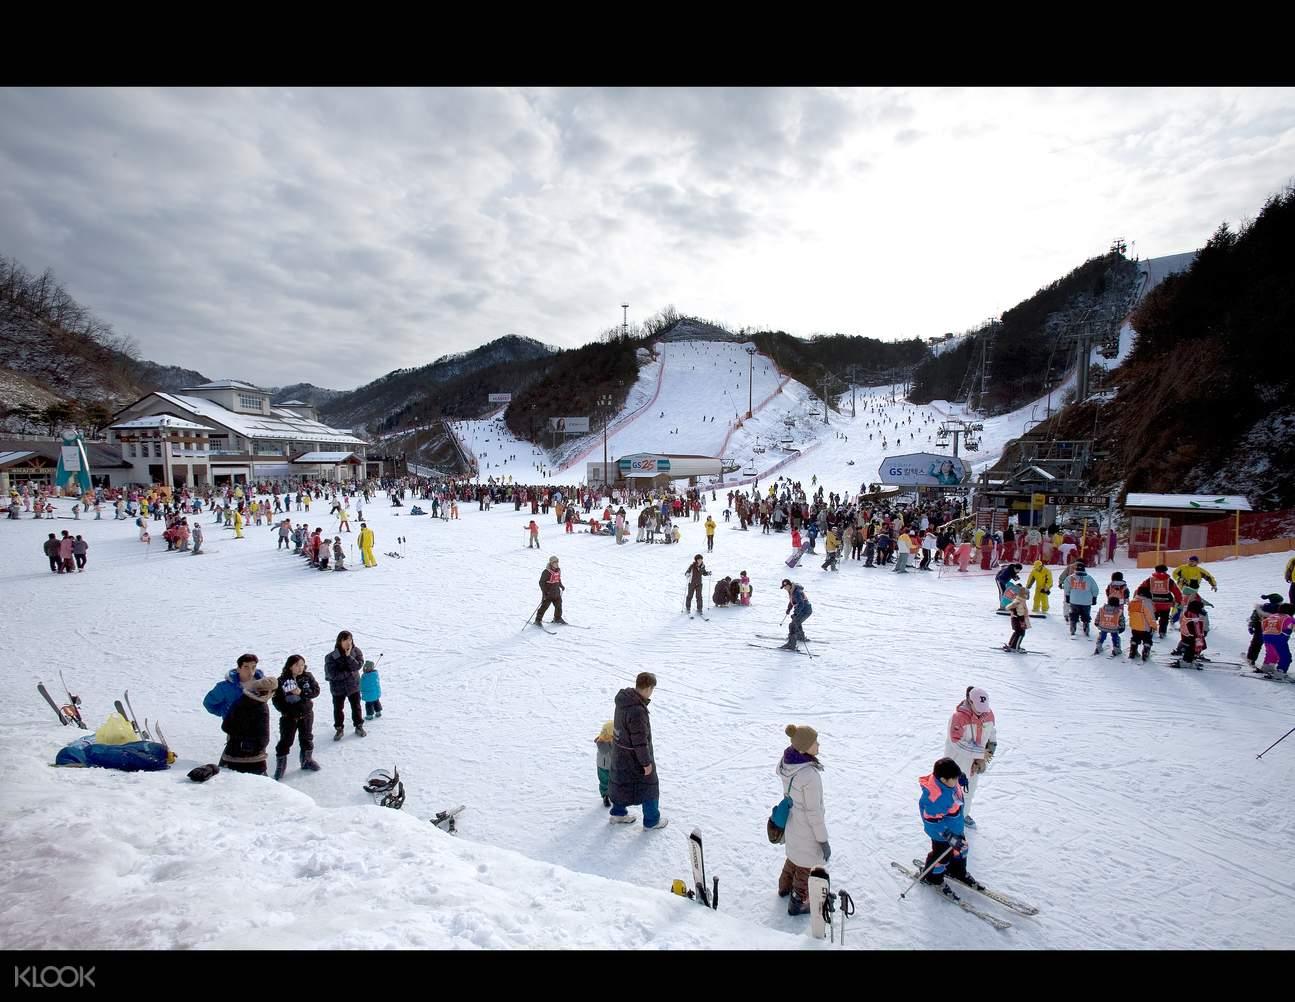 韓國伊利希安江村滑雪場一日遊(Seoul City Tour提供)